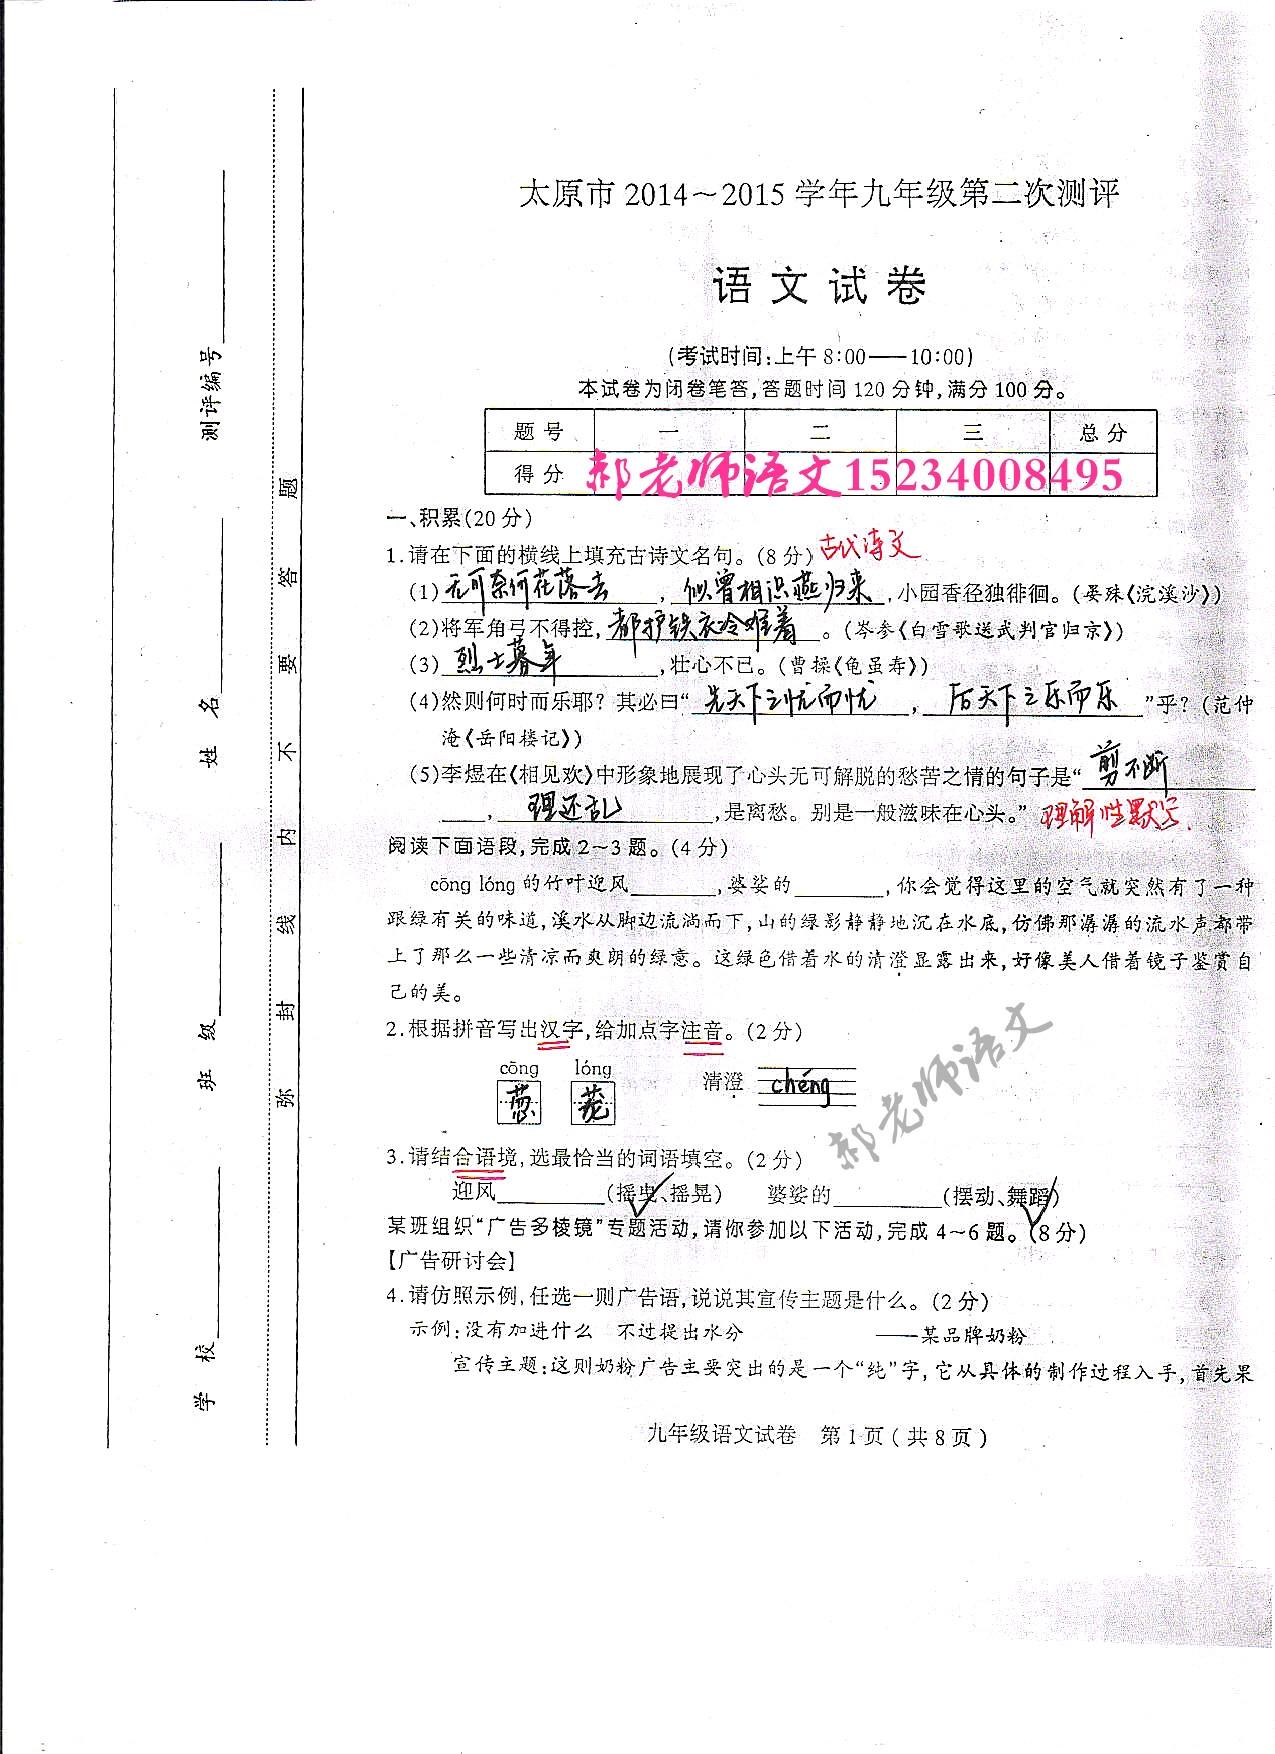 太原市九年级第二次语文测评试题解析(郝老师语文)